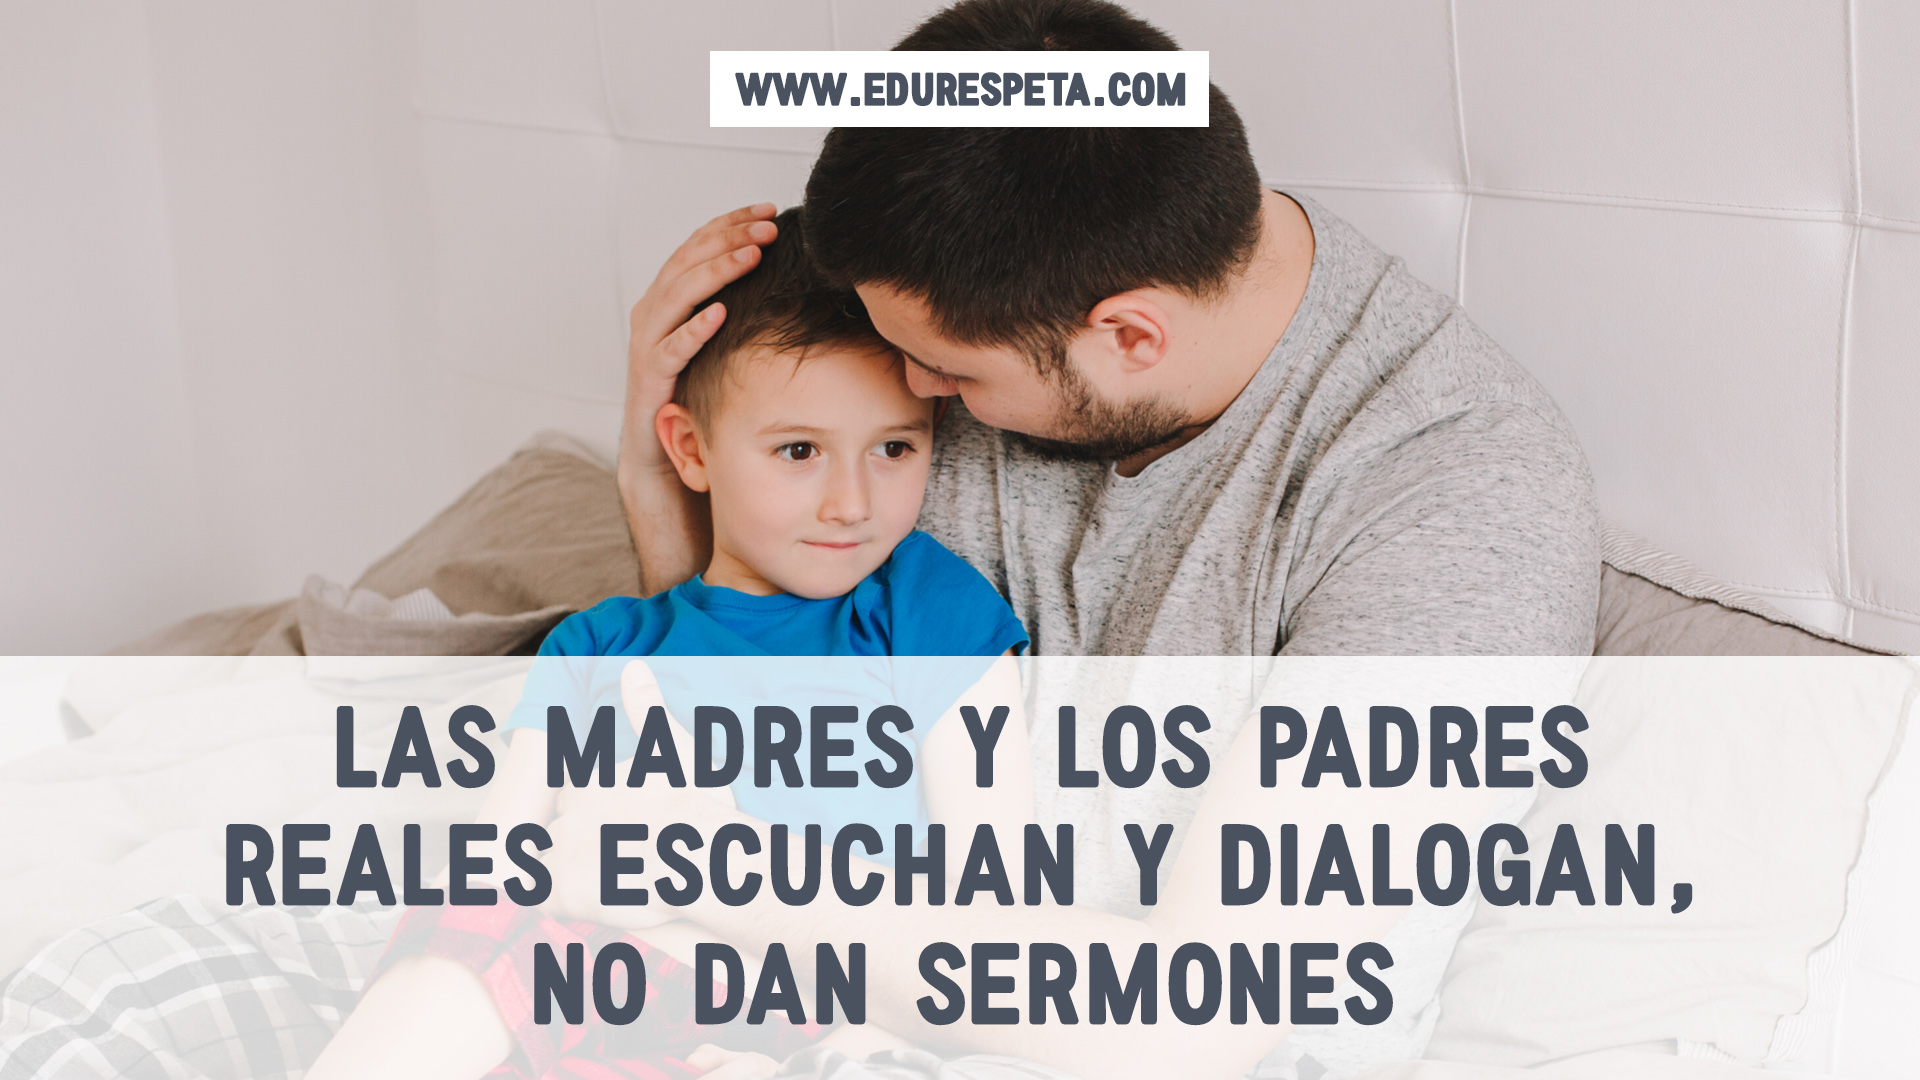 Las madres y los padres reales escuchan y dialogan, no dan sermones